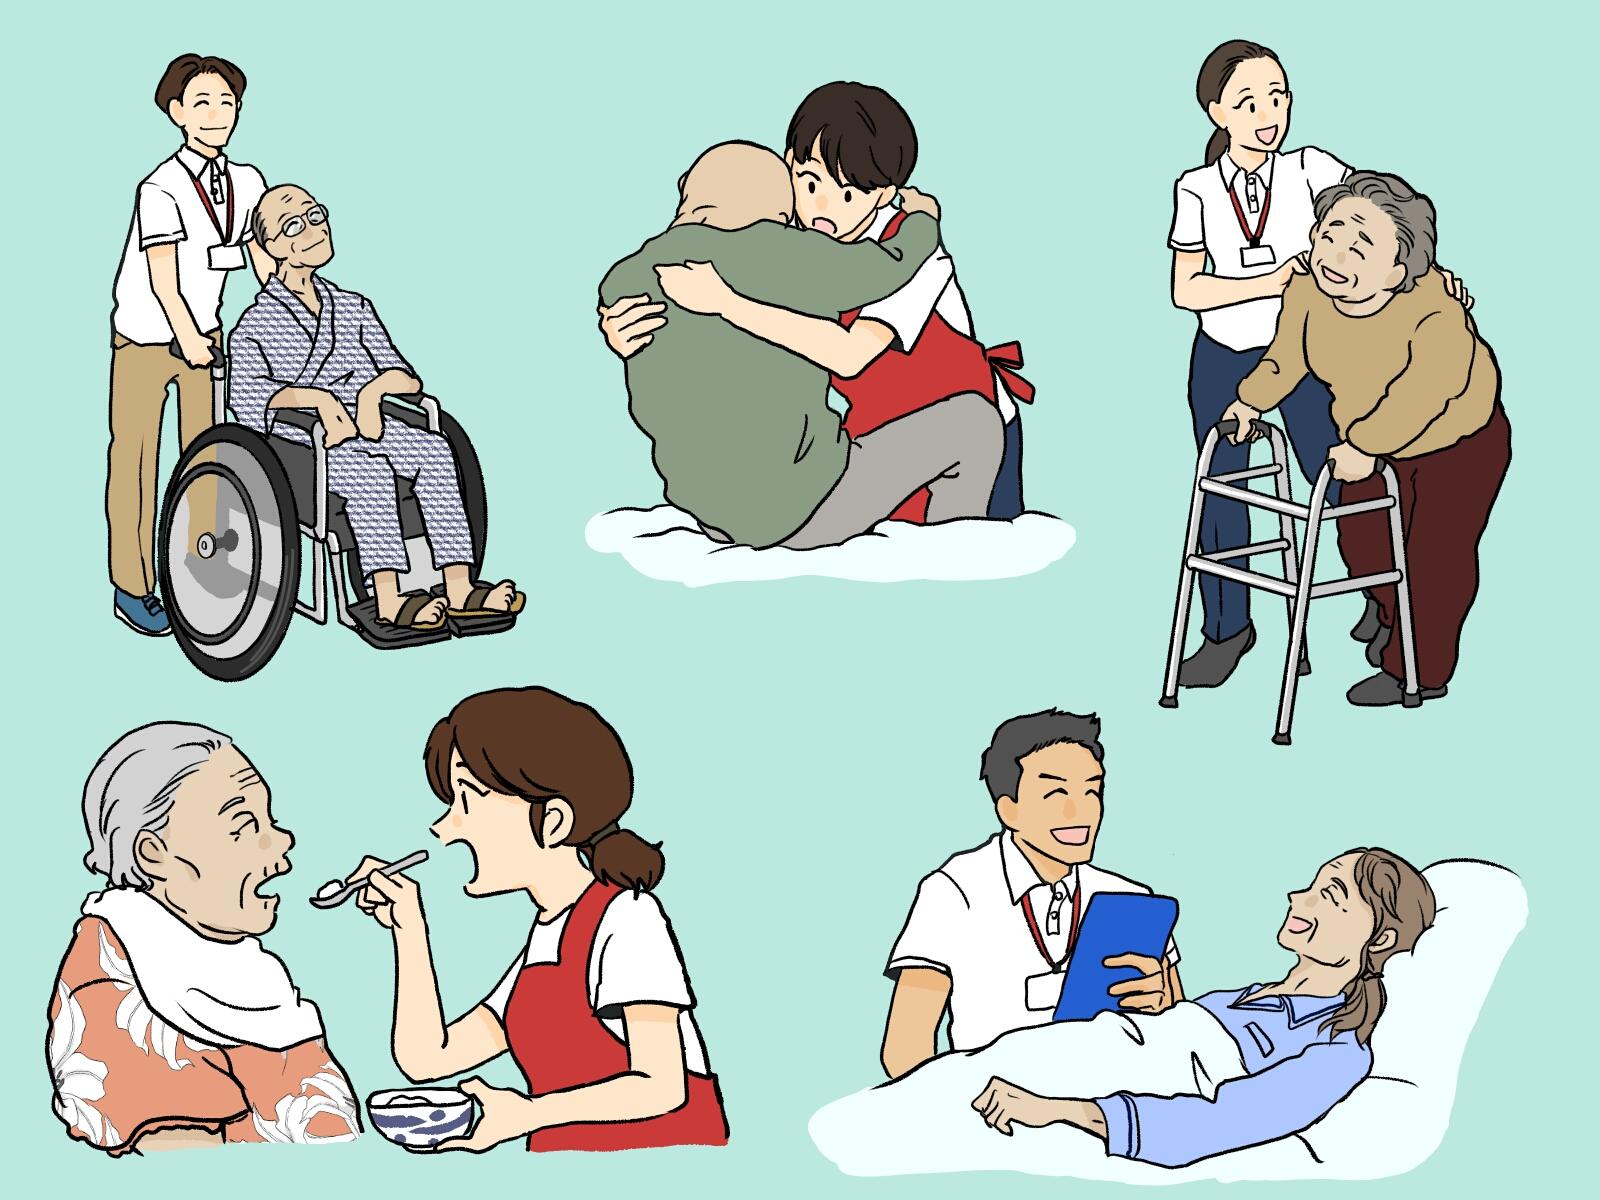 【高齢者が元気になる言葉(声かけ) 6選】お年寄りにかける喜ぶ言葉はこれ!!接し方のコツや注意点など